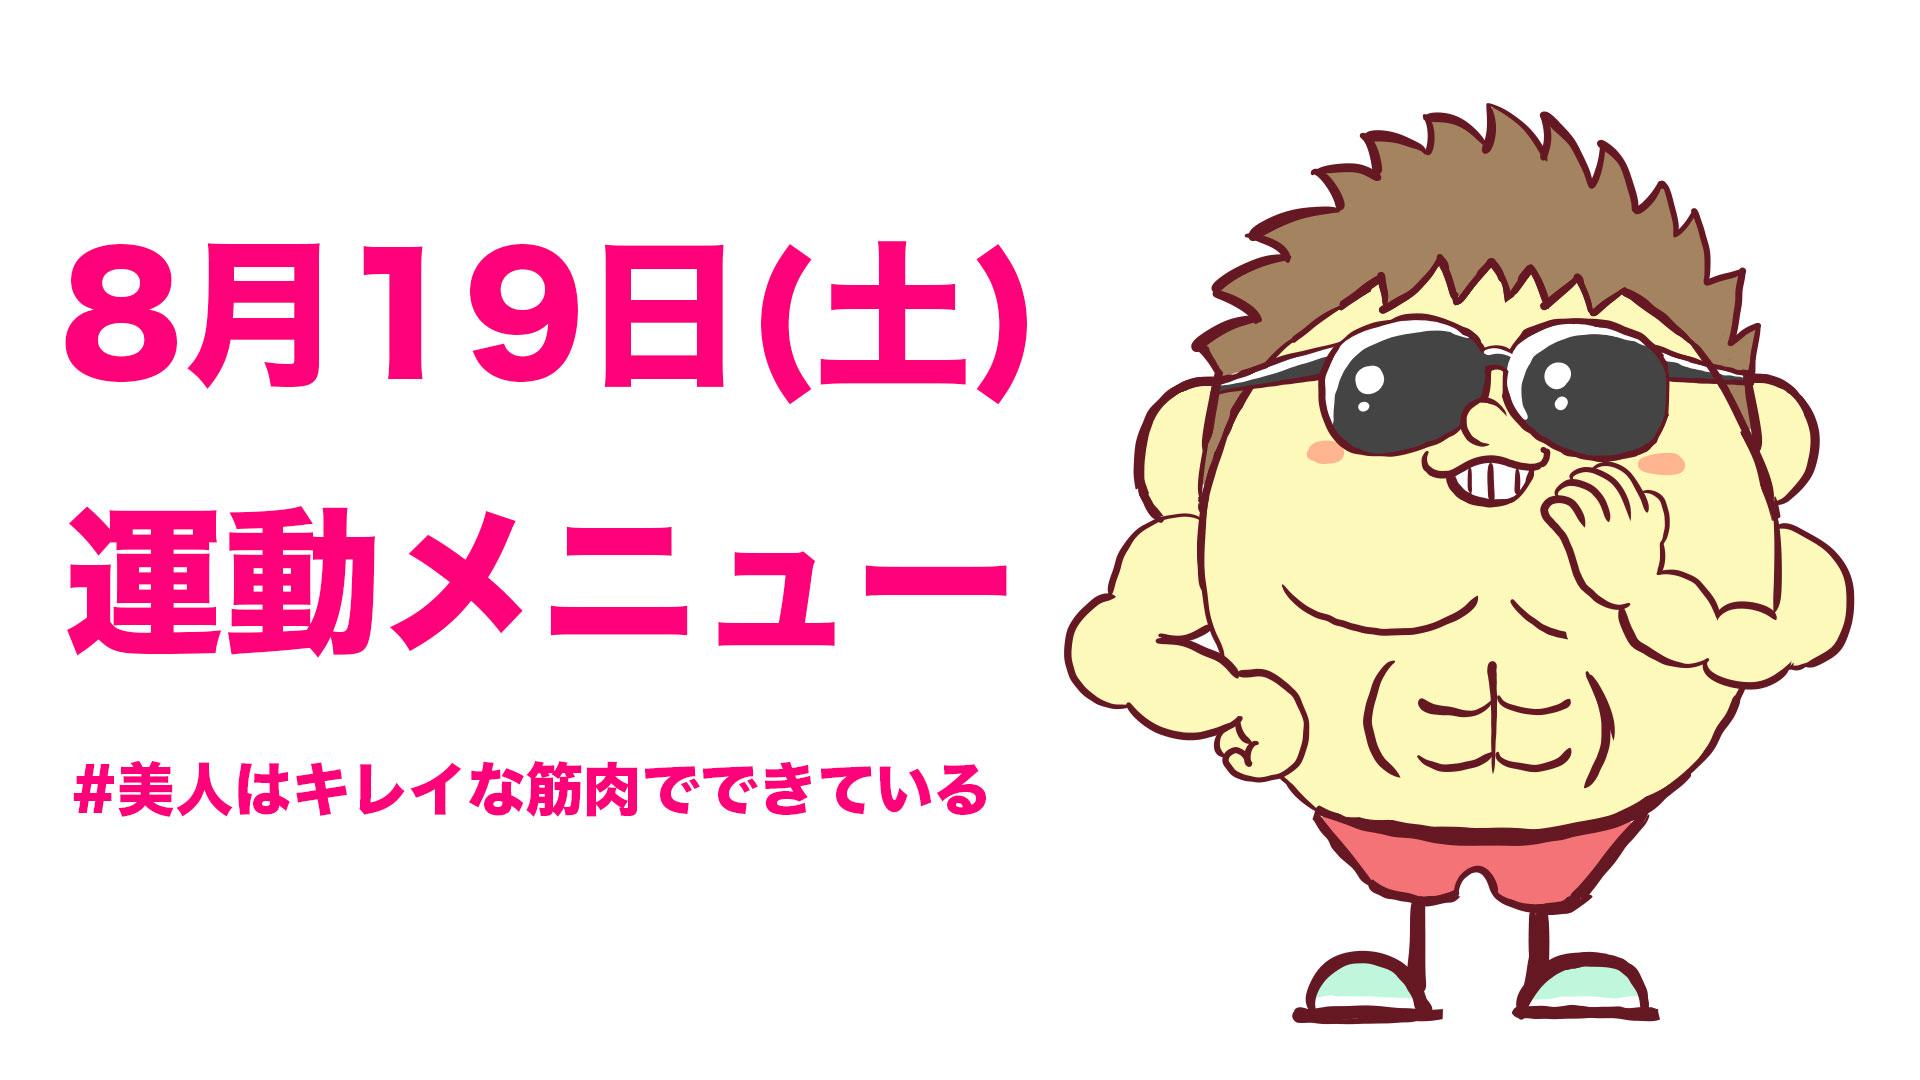 8/19の運動メニュー!